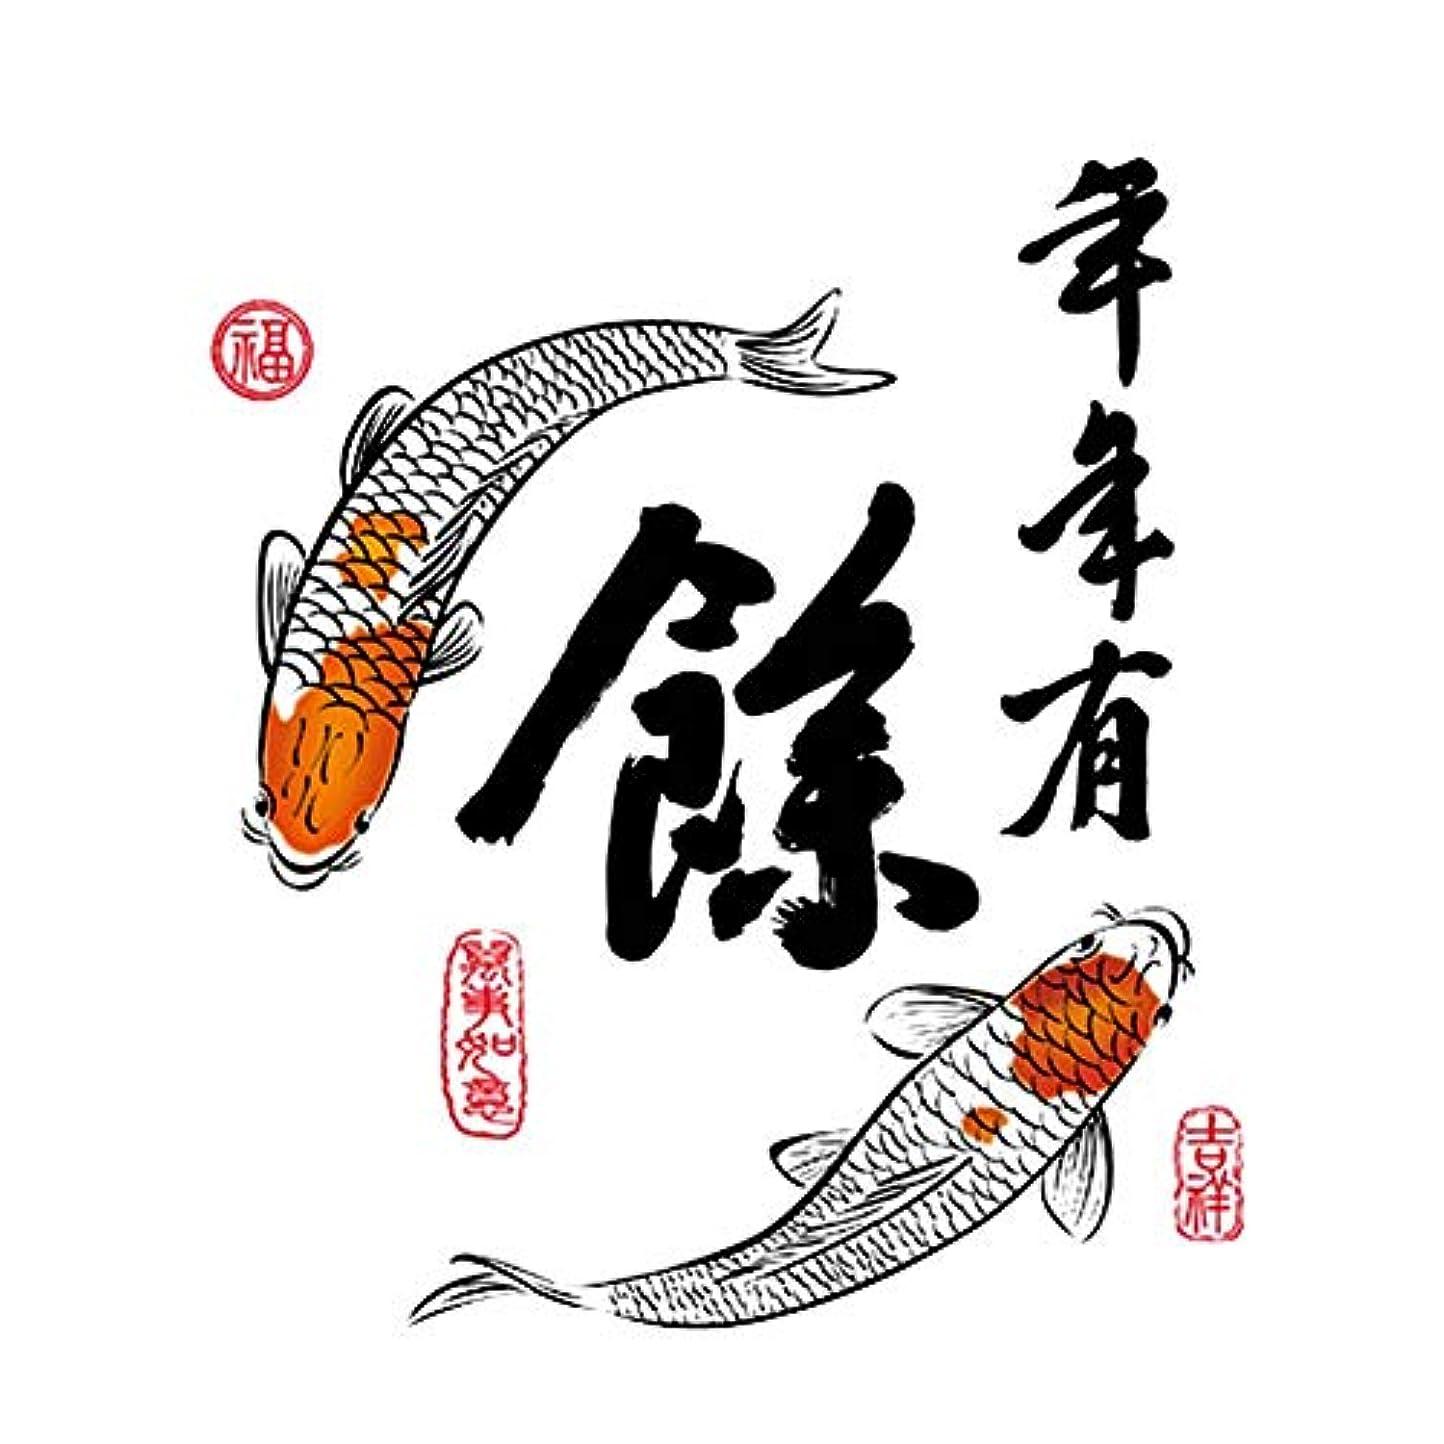 マウスピースシンクコレクション新年のステッカー、pvc粘着中国紙カットラッキーランタンパターン壁飾り用寝室、リビングルーム、家の装飾